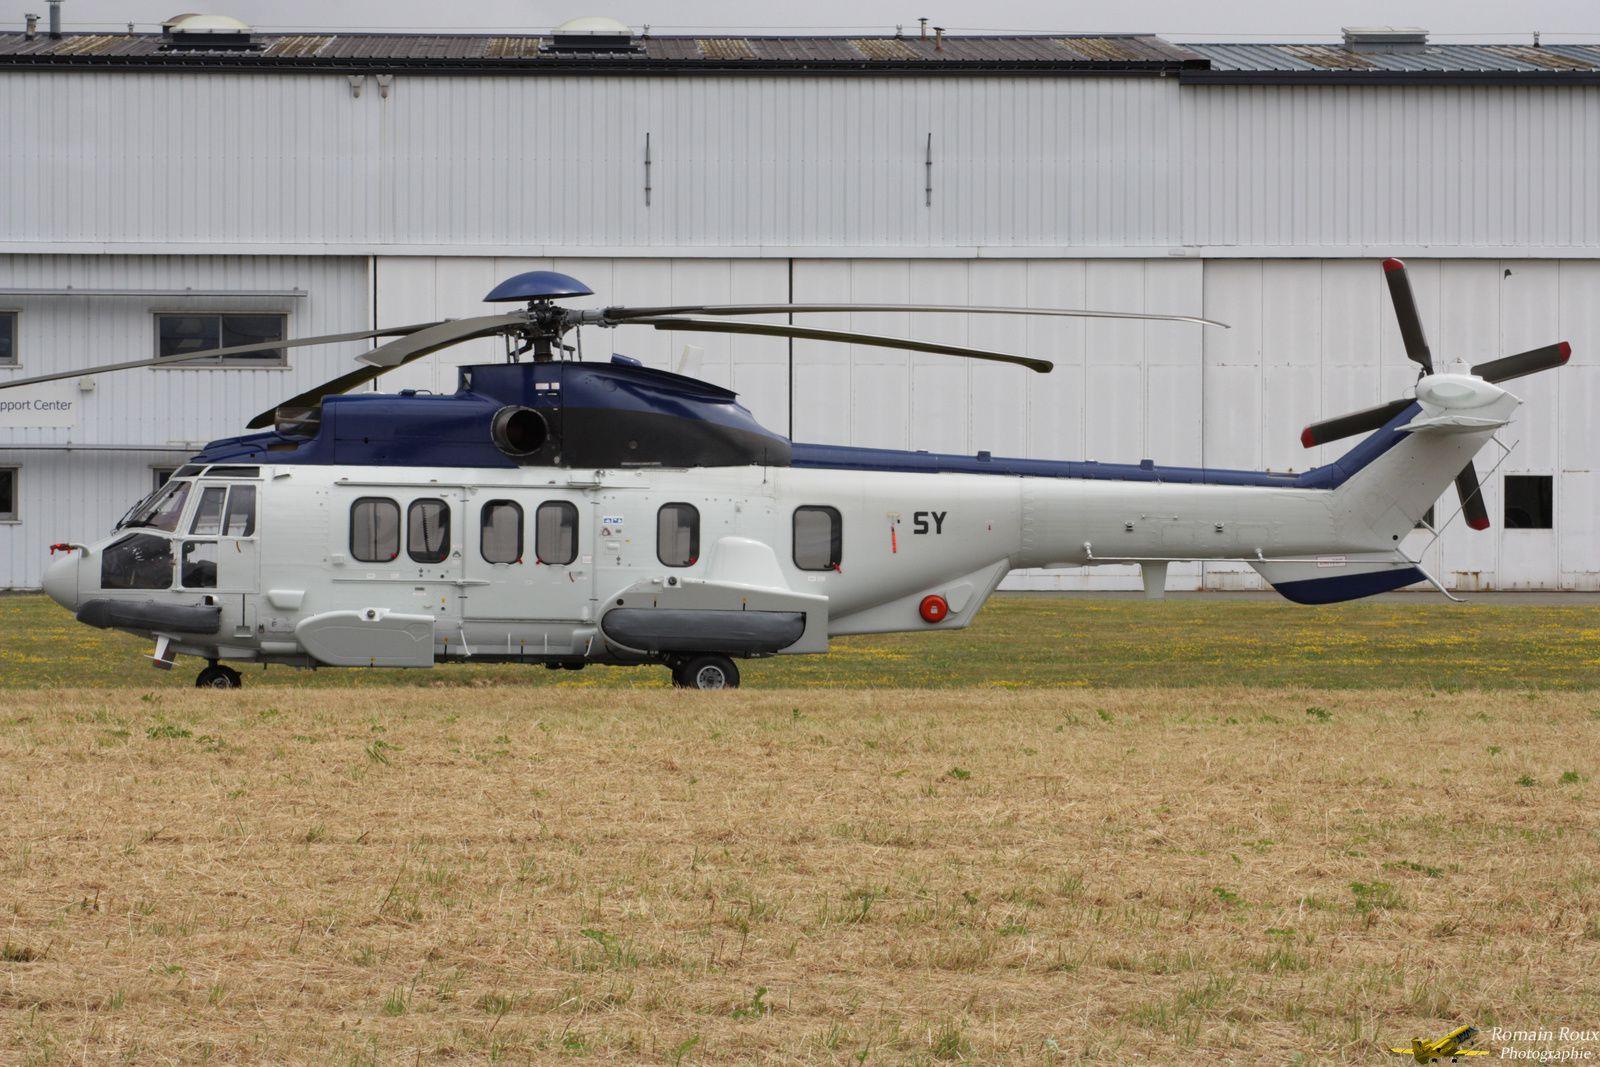 © Romain Roux - Un des deux H225M récupéré par le GAM 56, ici sur l'aéroport de Toussus-le-Noble